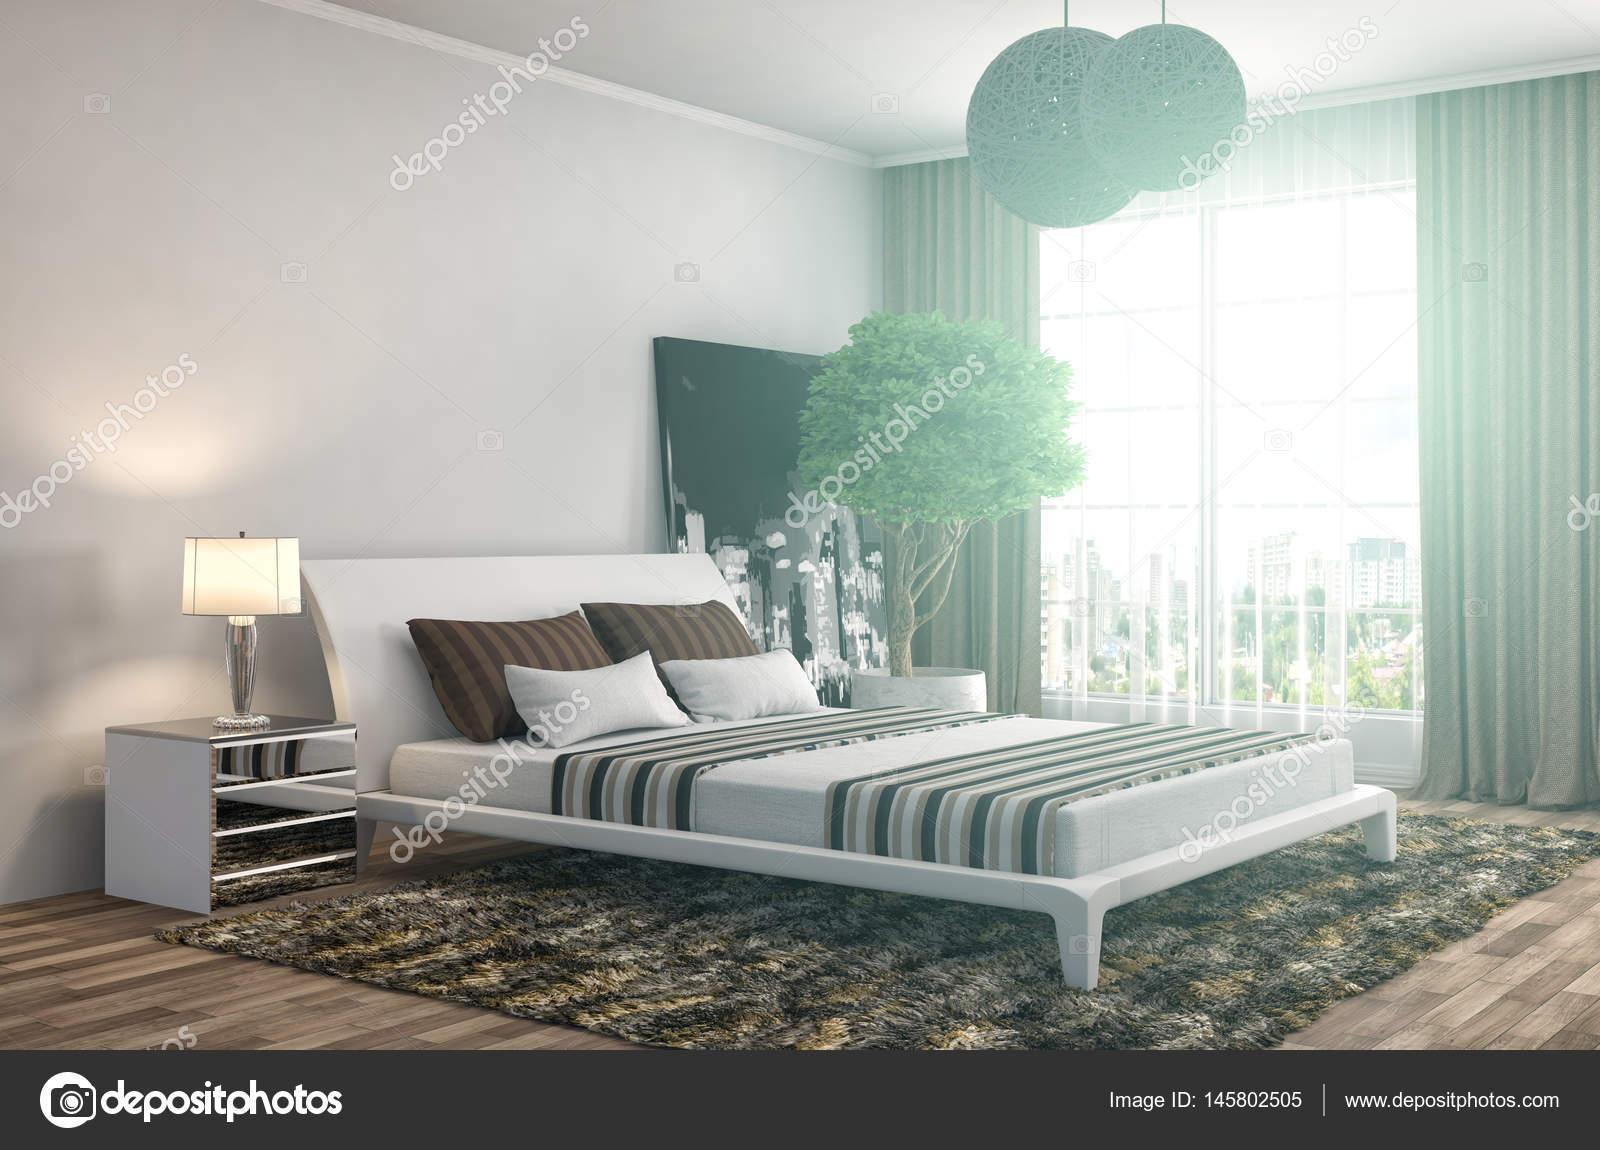 Int rieur de chambre coucher illustration 3d photo for Chambre a coucher 3d